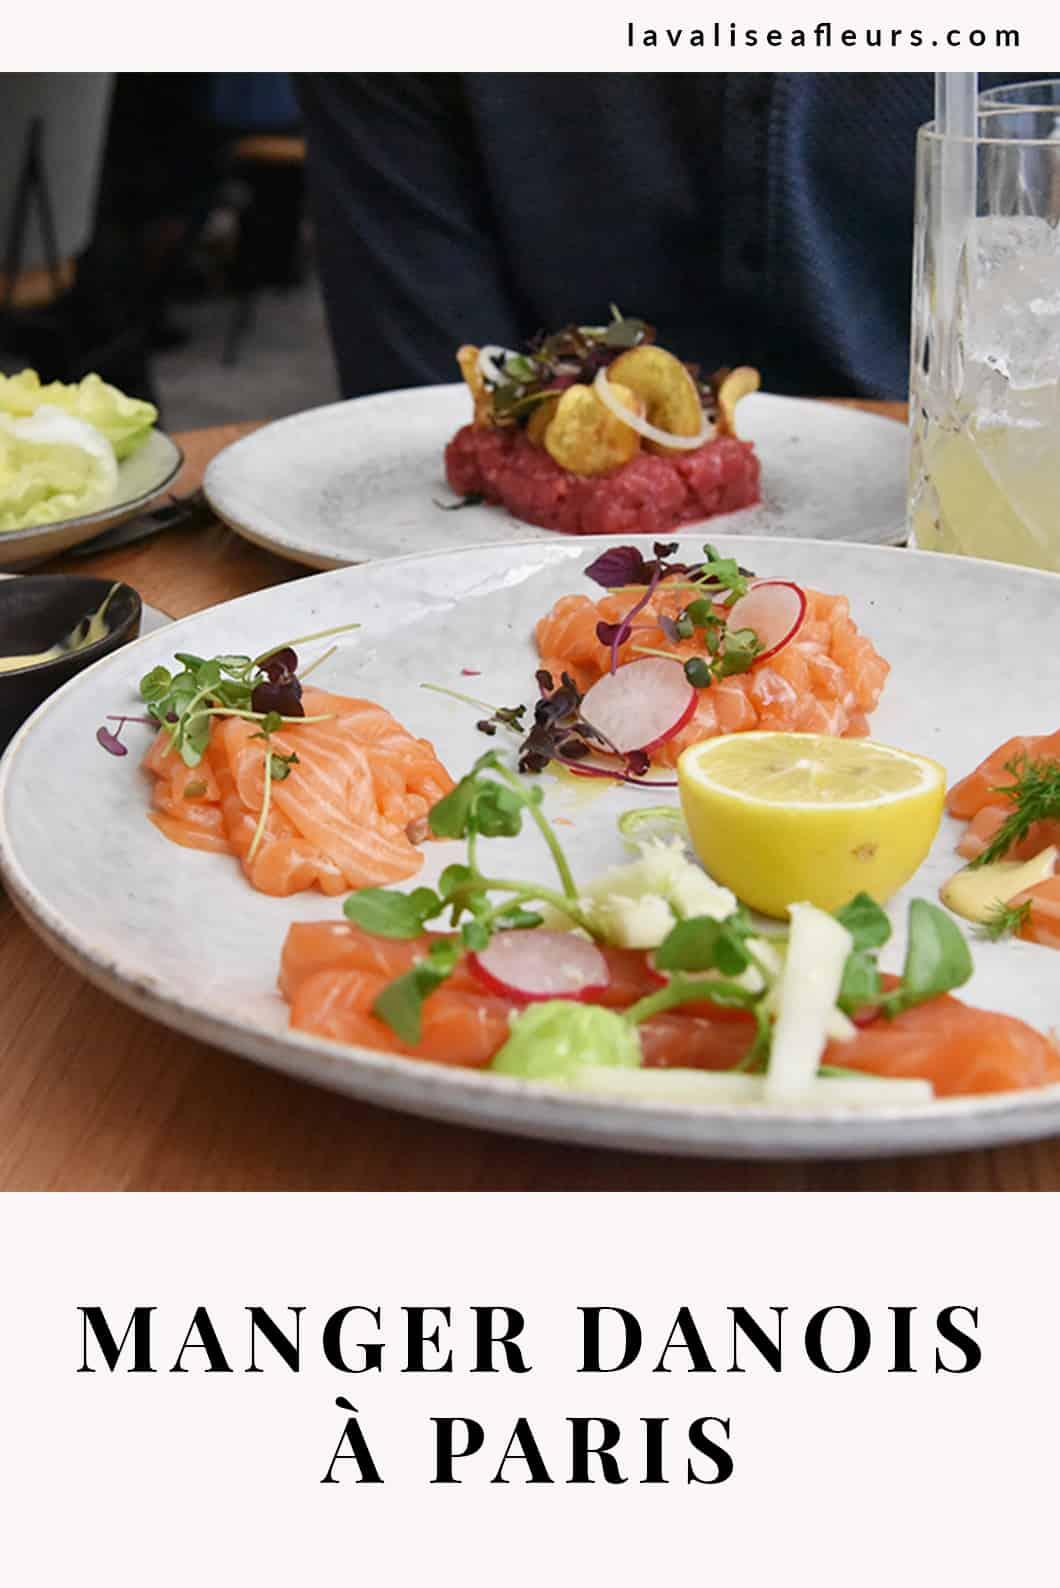 Manger danois à Paris